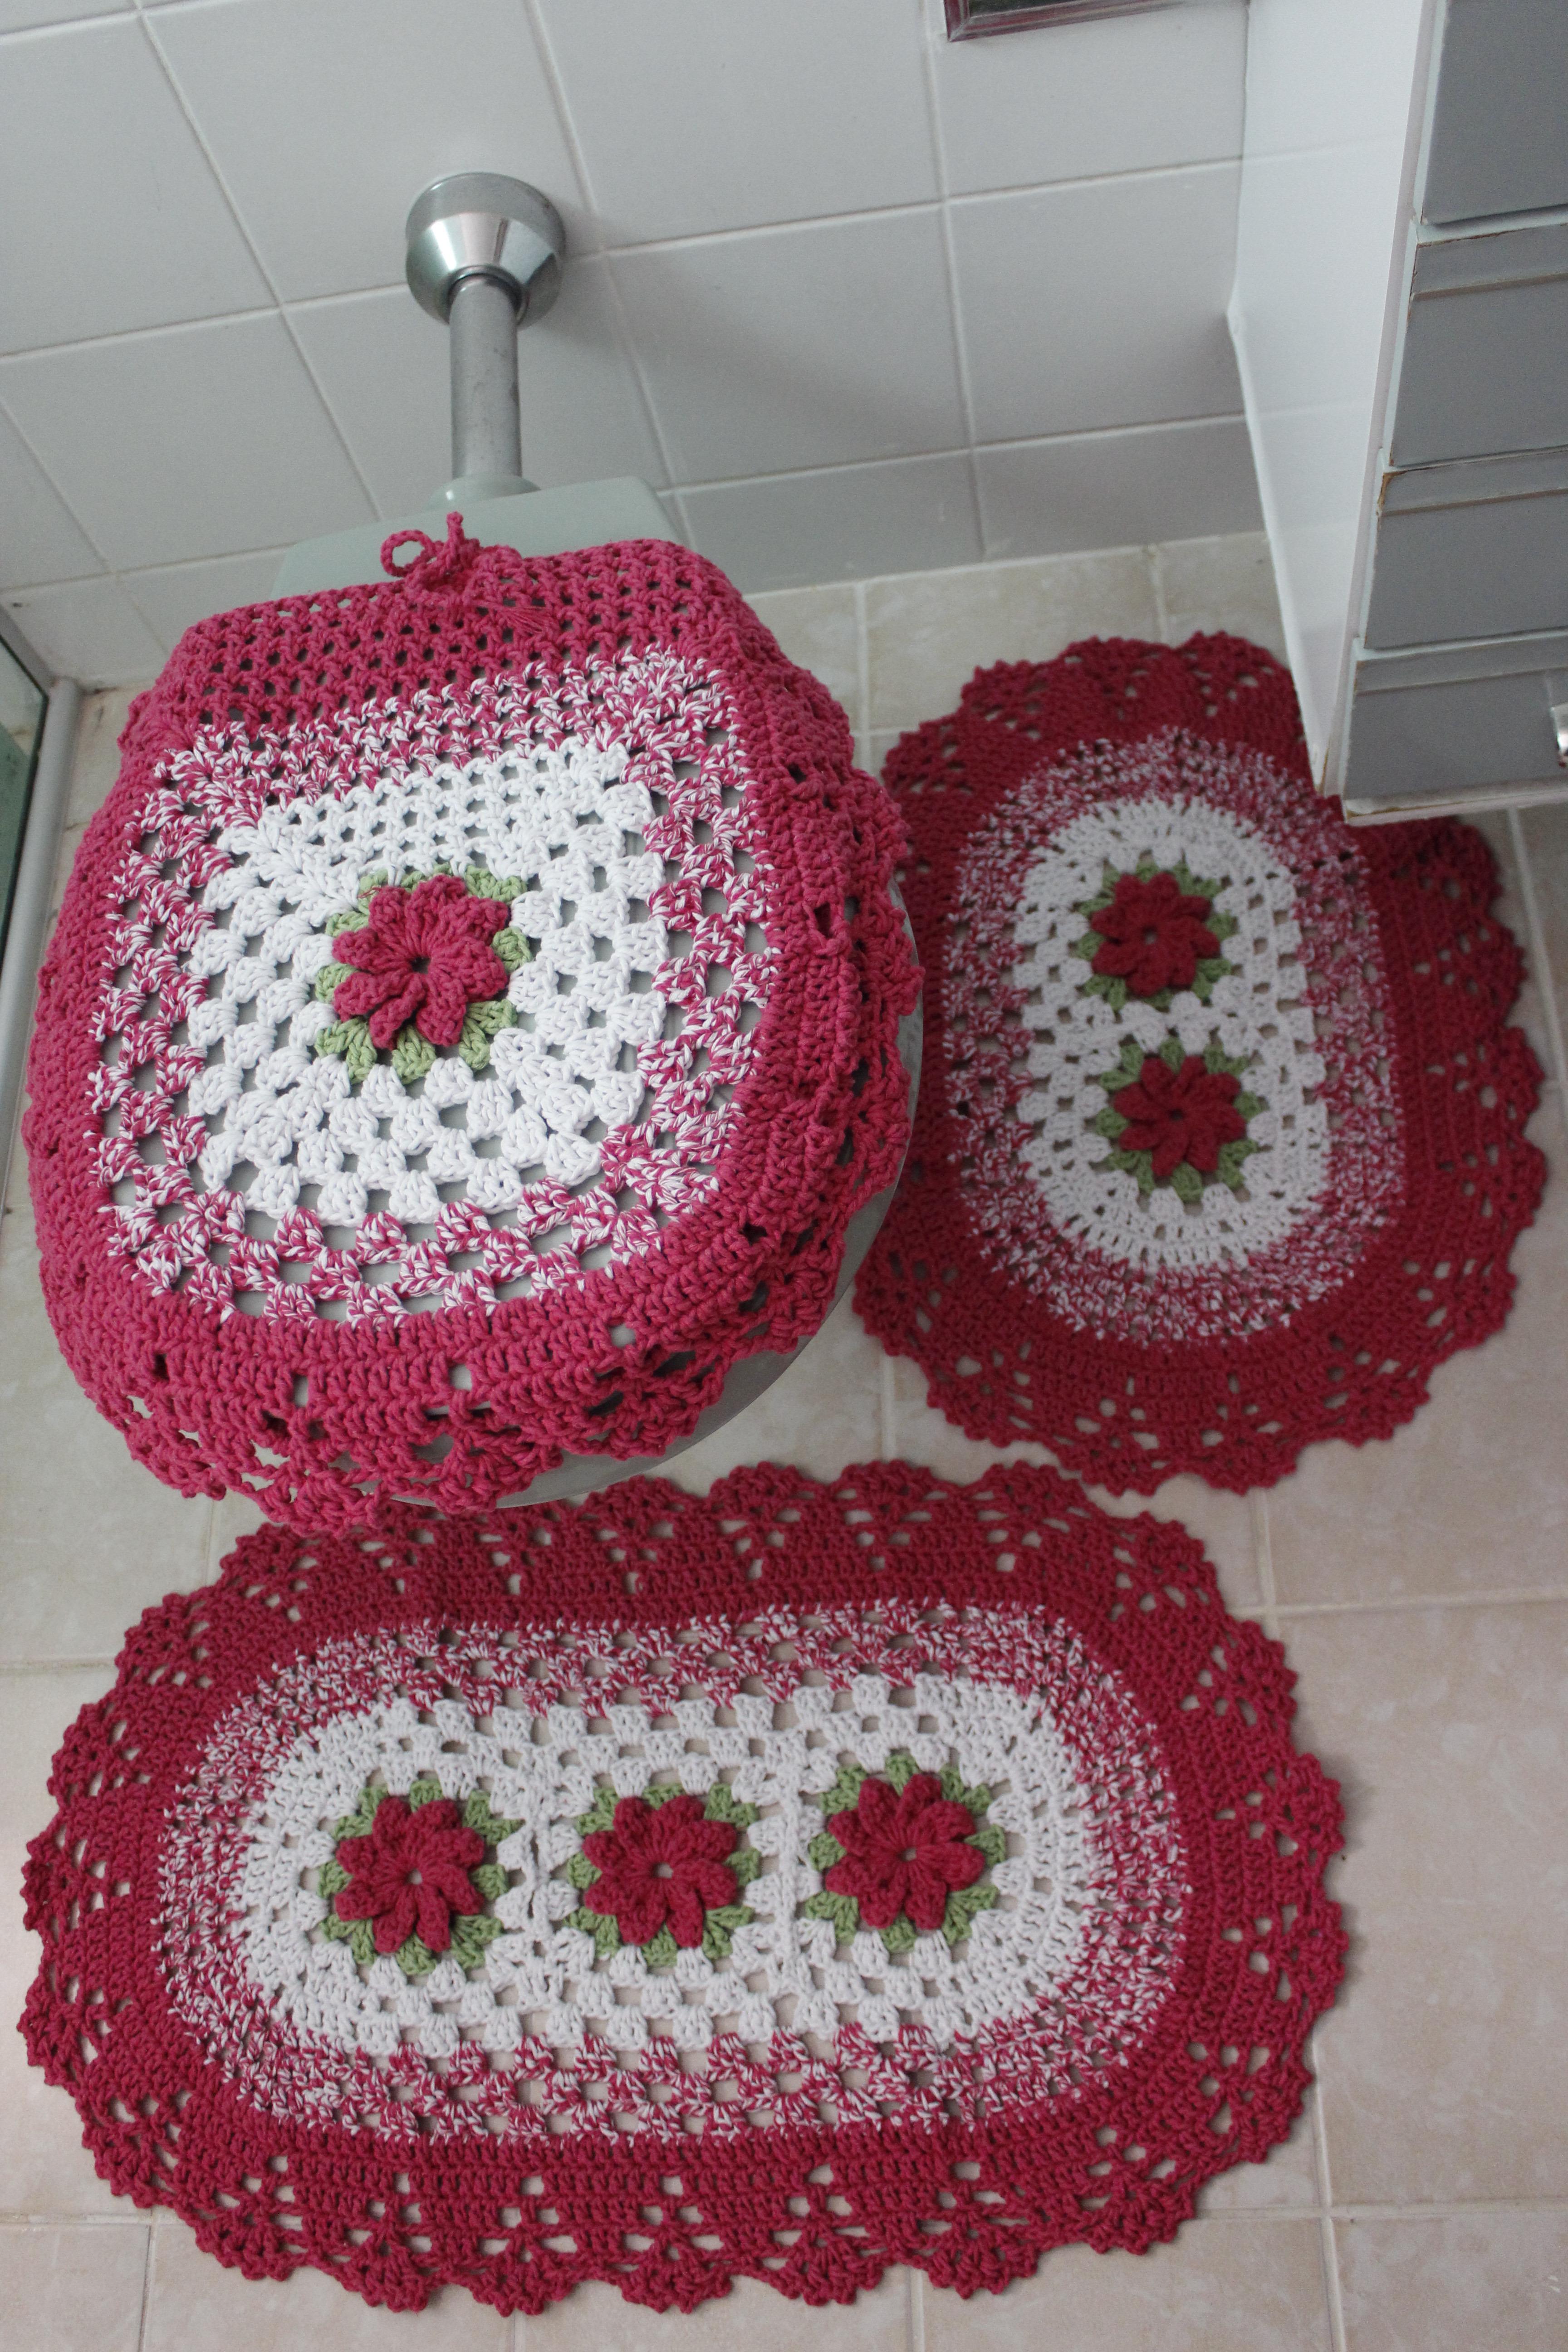 Jogo de Banheiro  3 Peças  Atelie Pontos e Laçadas  Elo7 -> Jogo De Banheiro Simples Em Croche Com Grafico